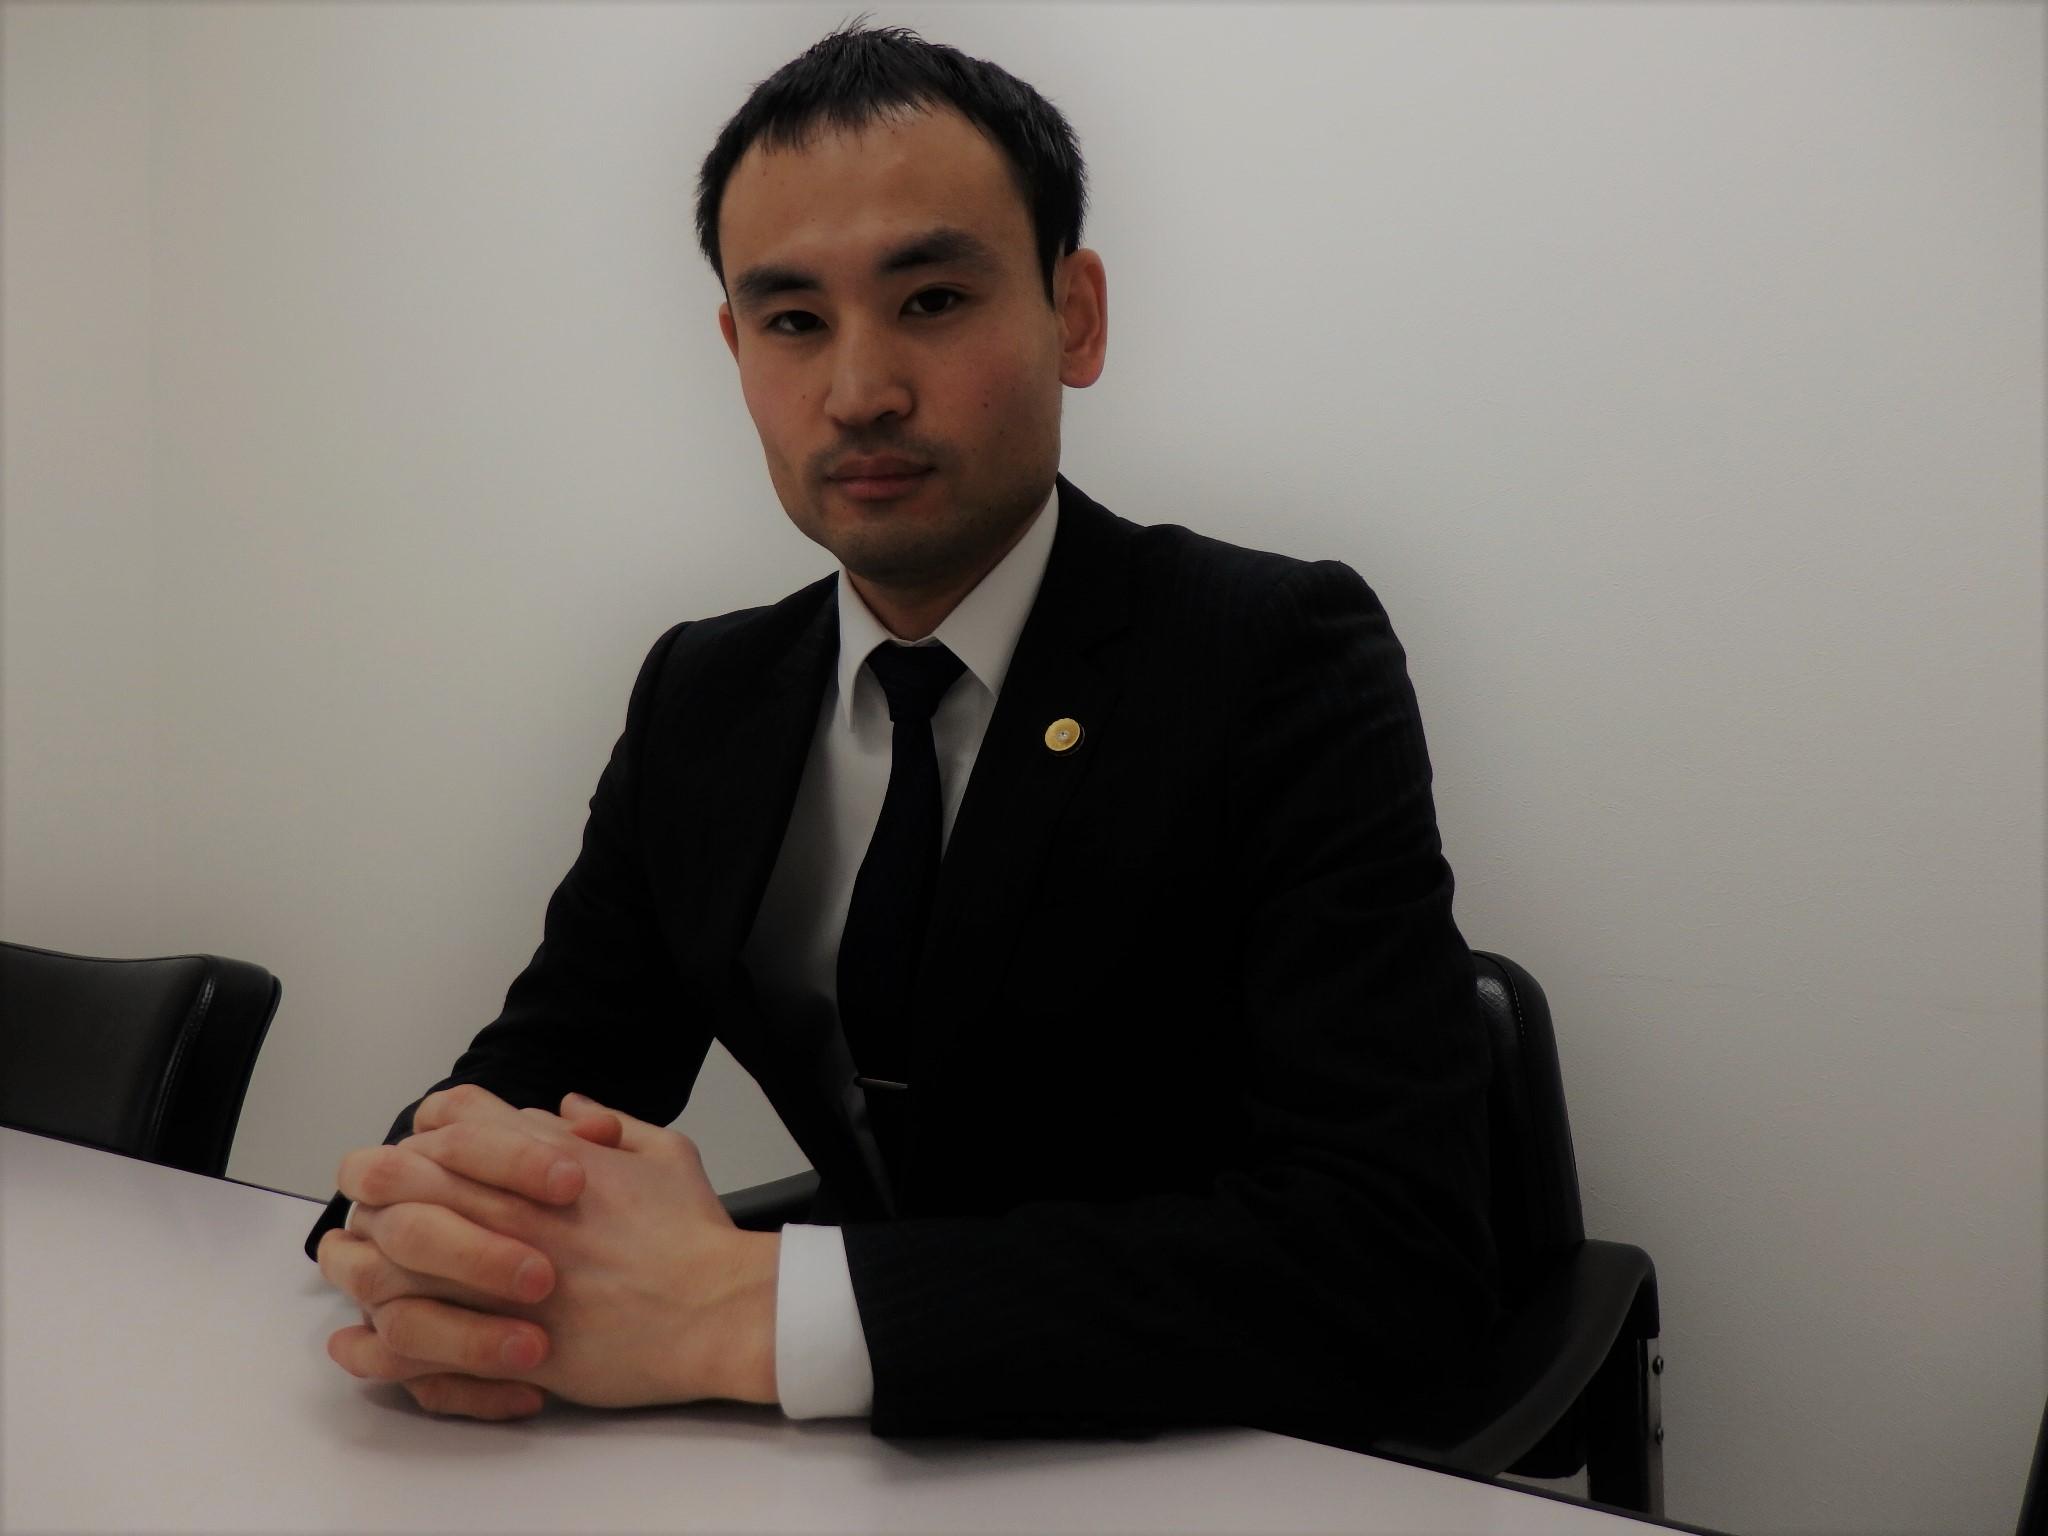 山田穂積法律事務所 代表山田 穂積(やまだ ほづみ)